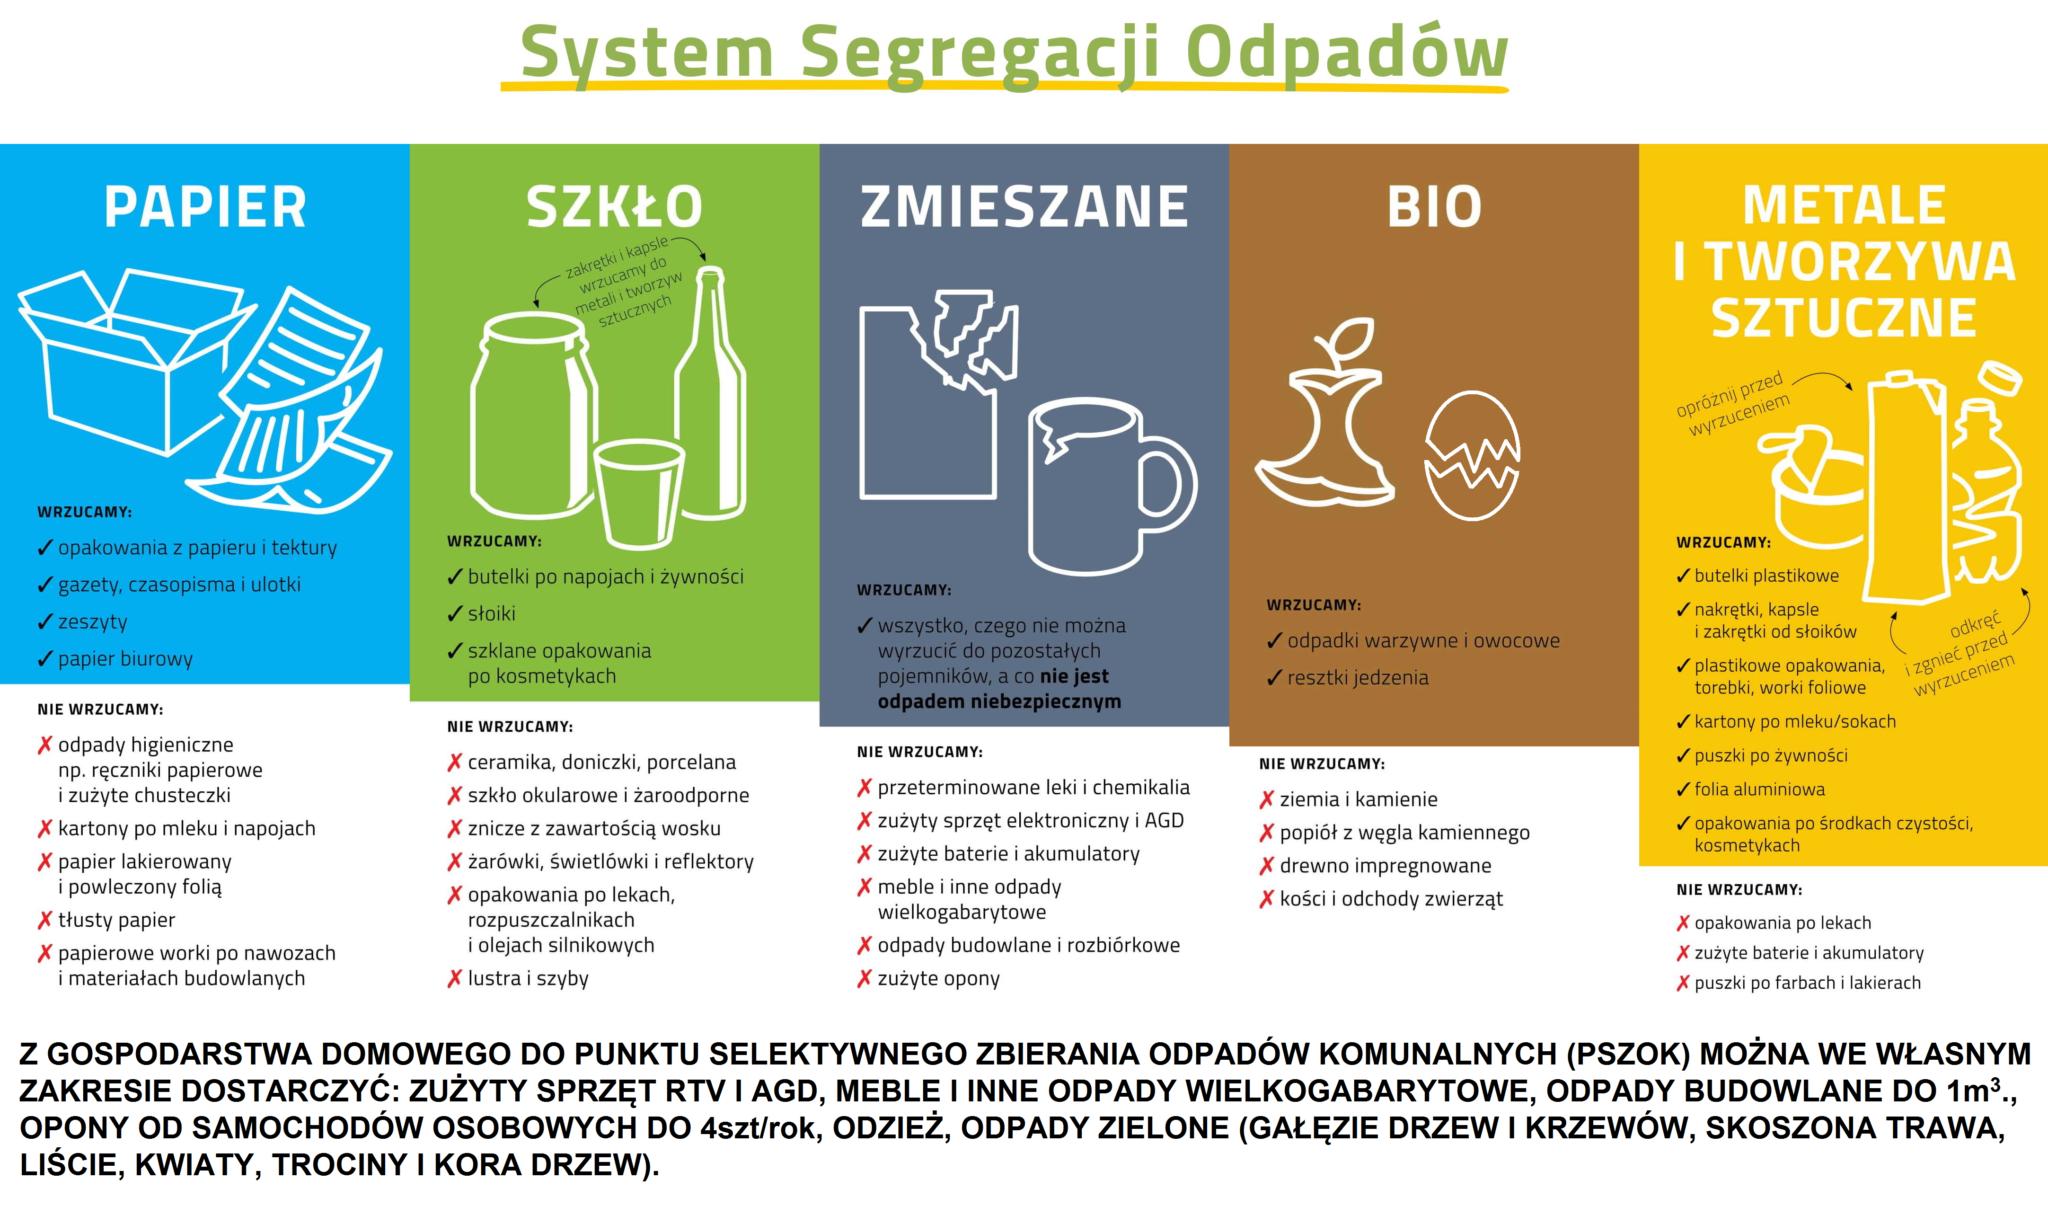 Obrazek system segregacji odpadów